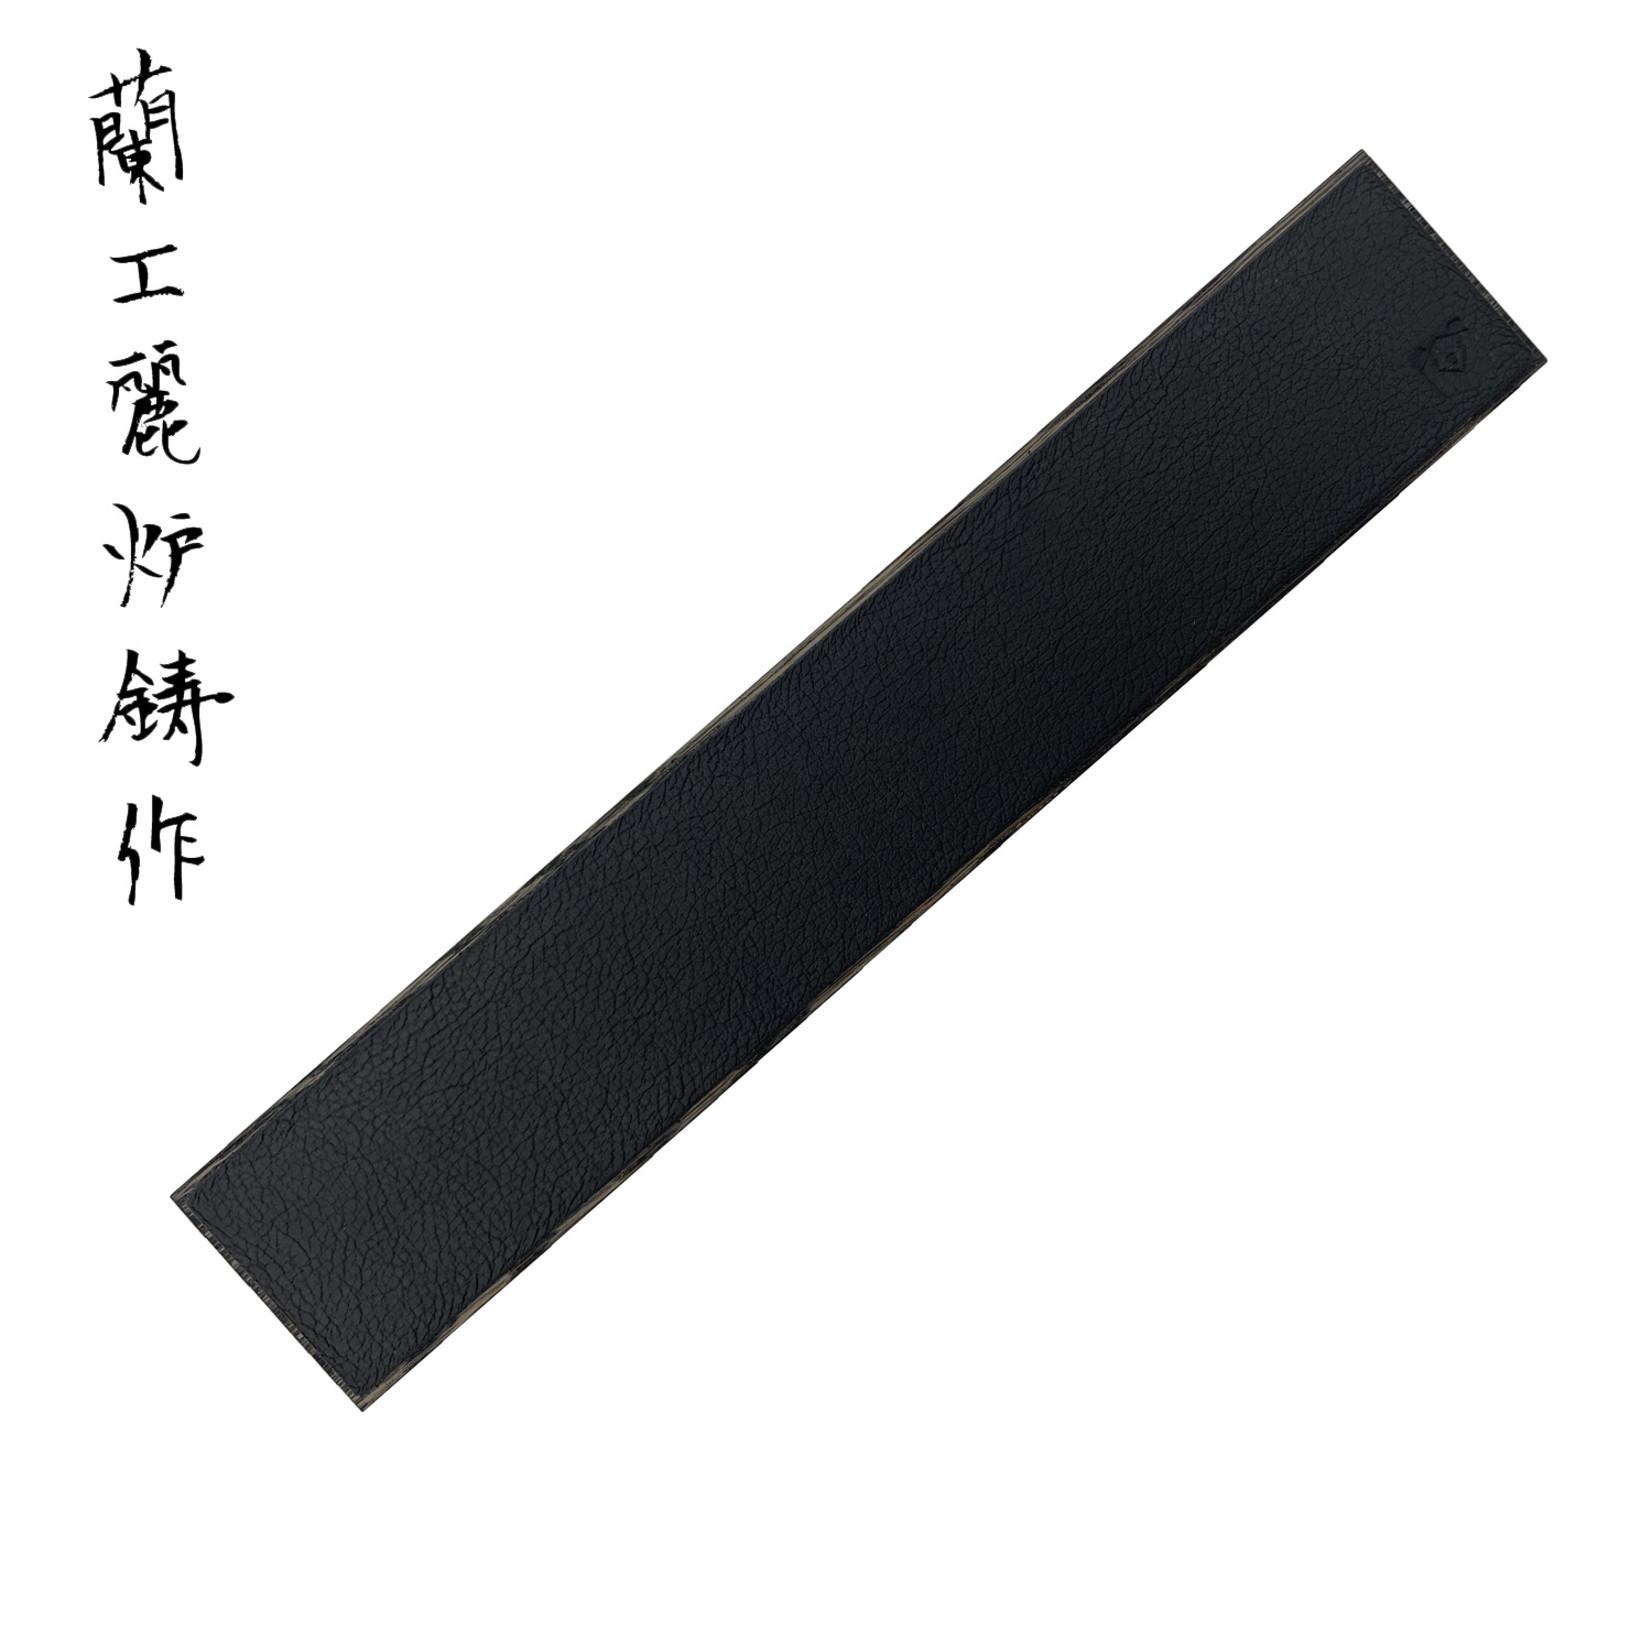 PIOTR THE BEAR magneetstrip leer 500 mm zwart